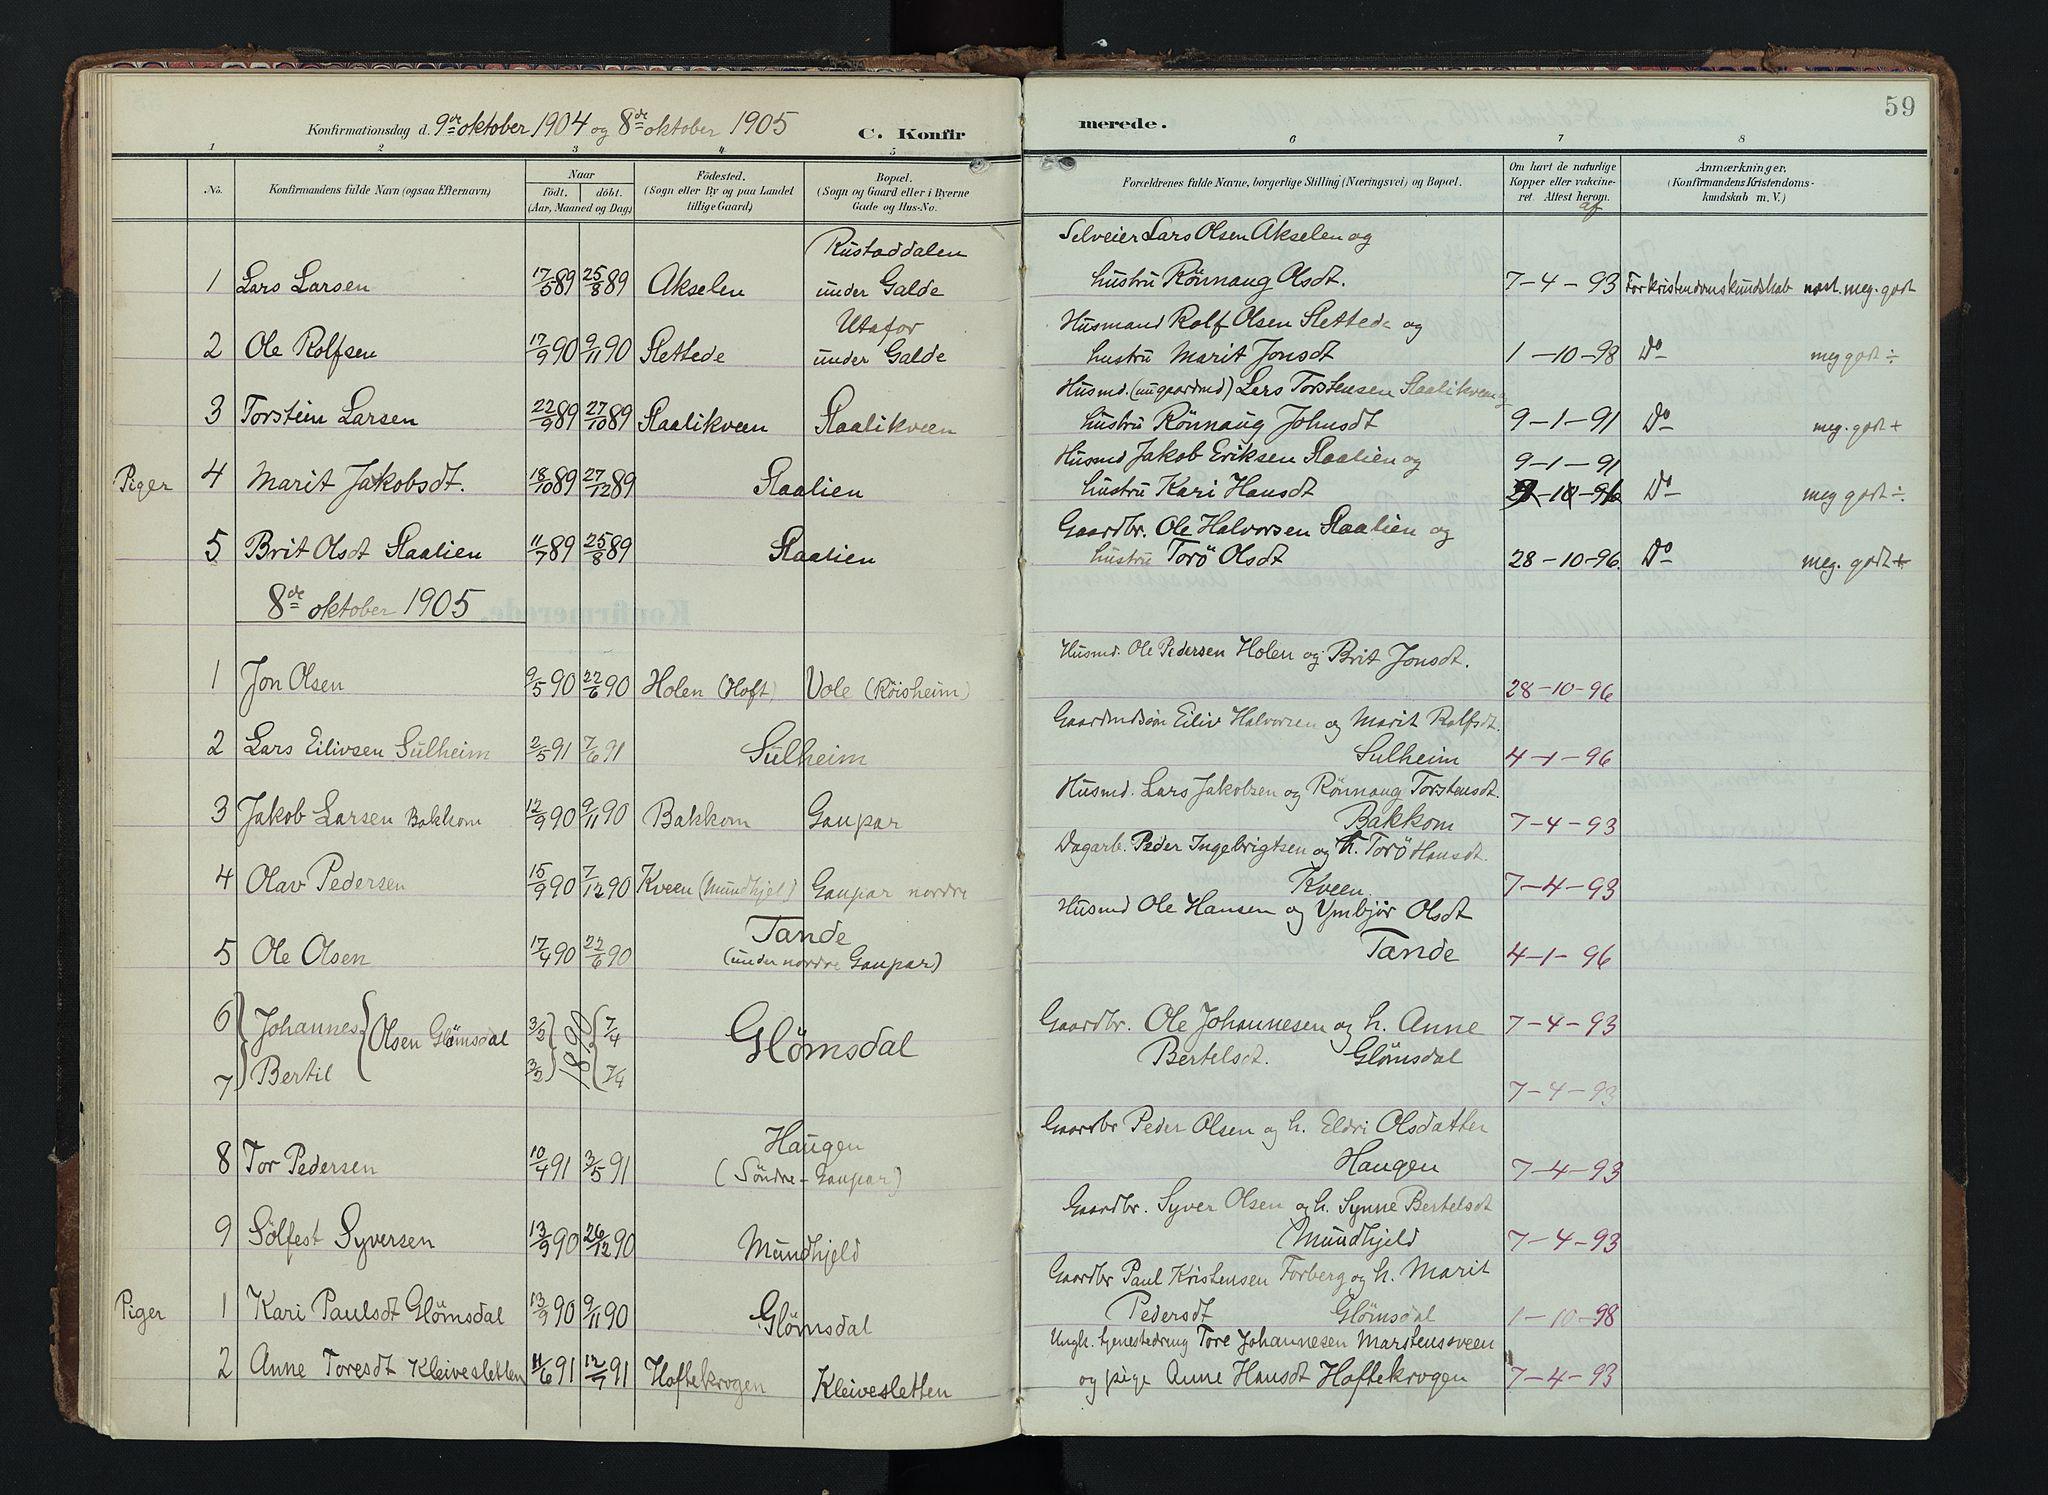 SAH, Lom prestekontor, K/L0012: Ministerialbok nr. 12, 1904-1928, s. 59